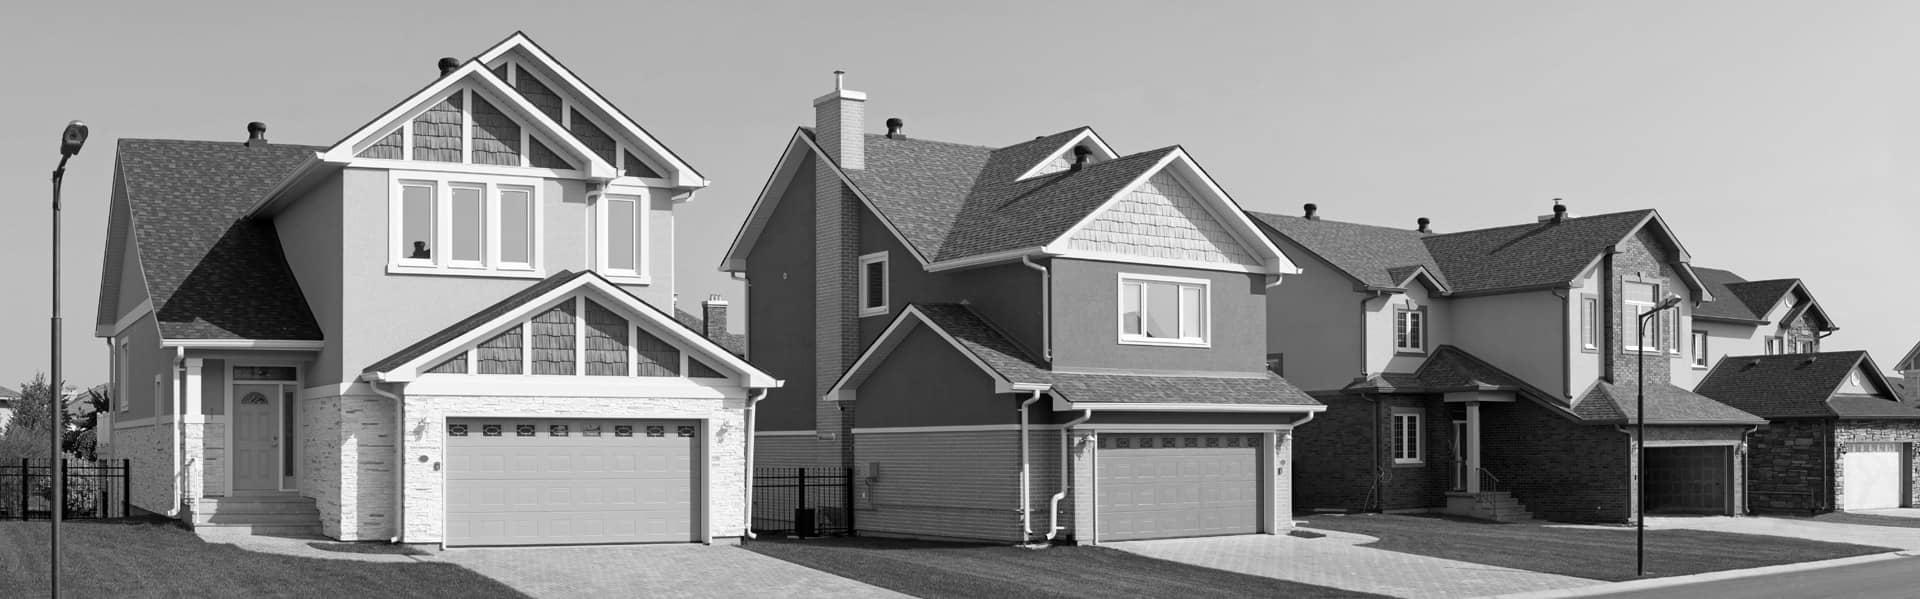 omega-hoa-homeowners.jpg